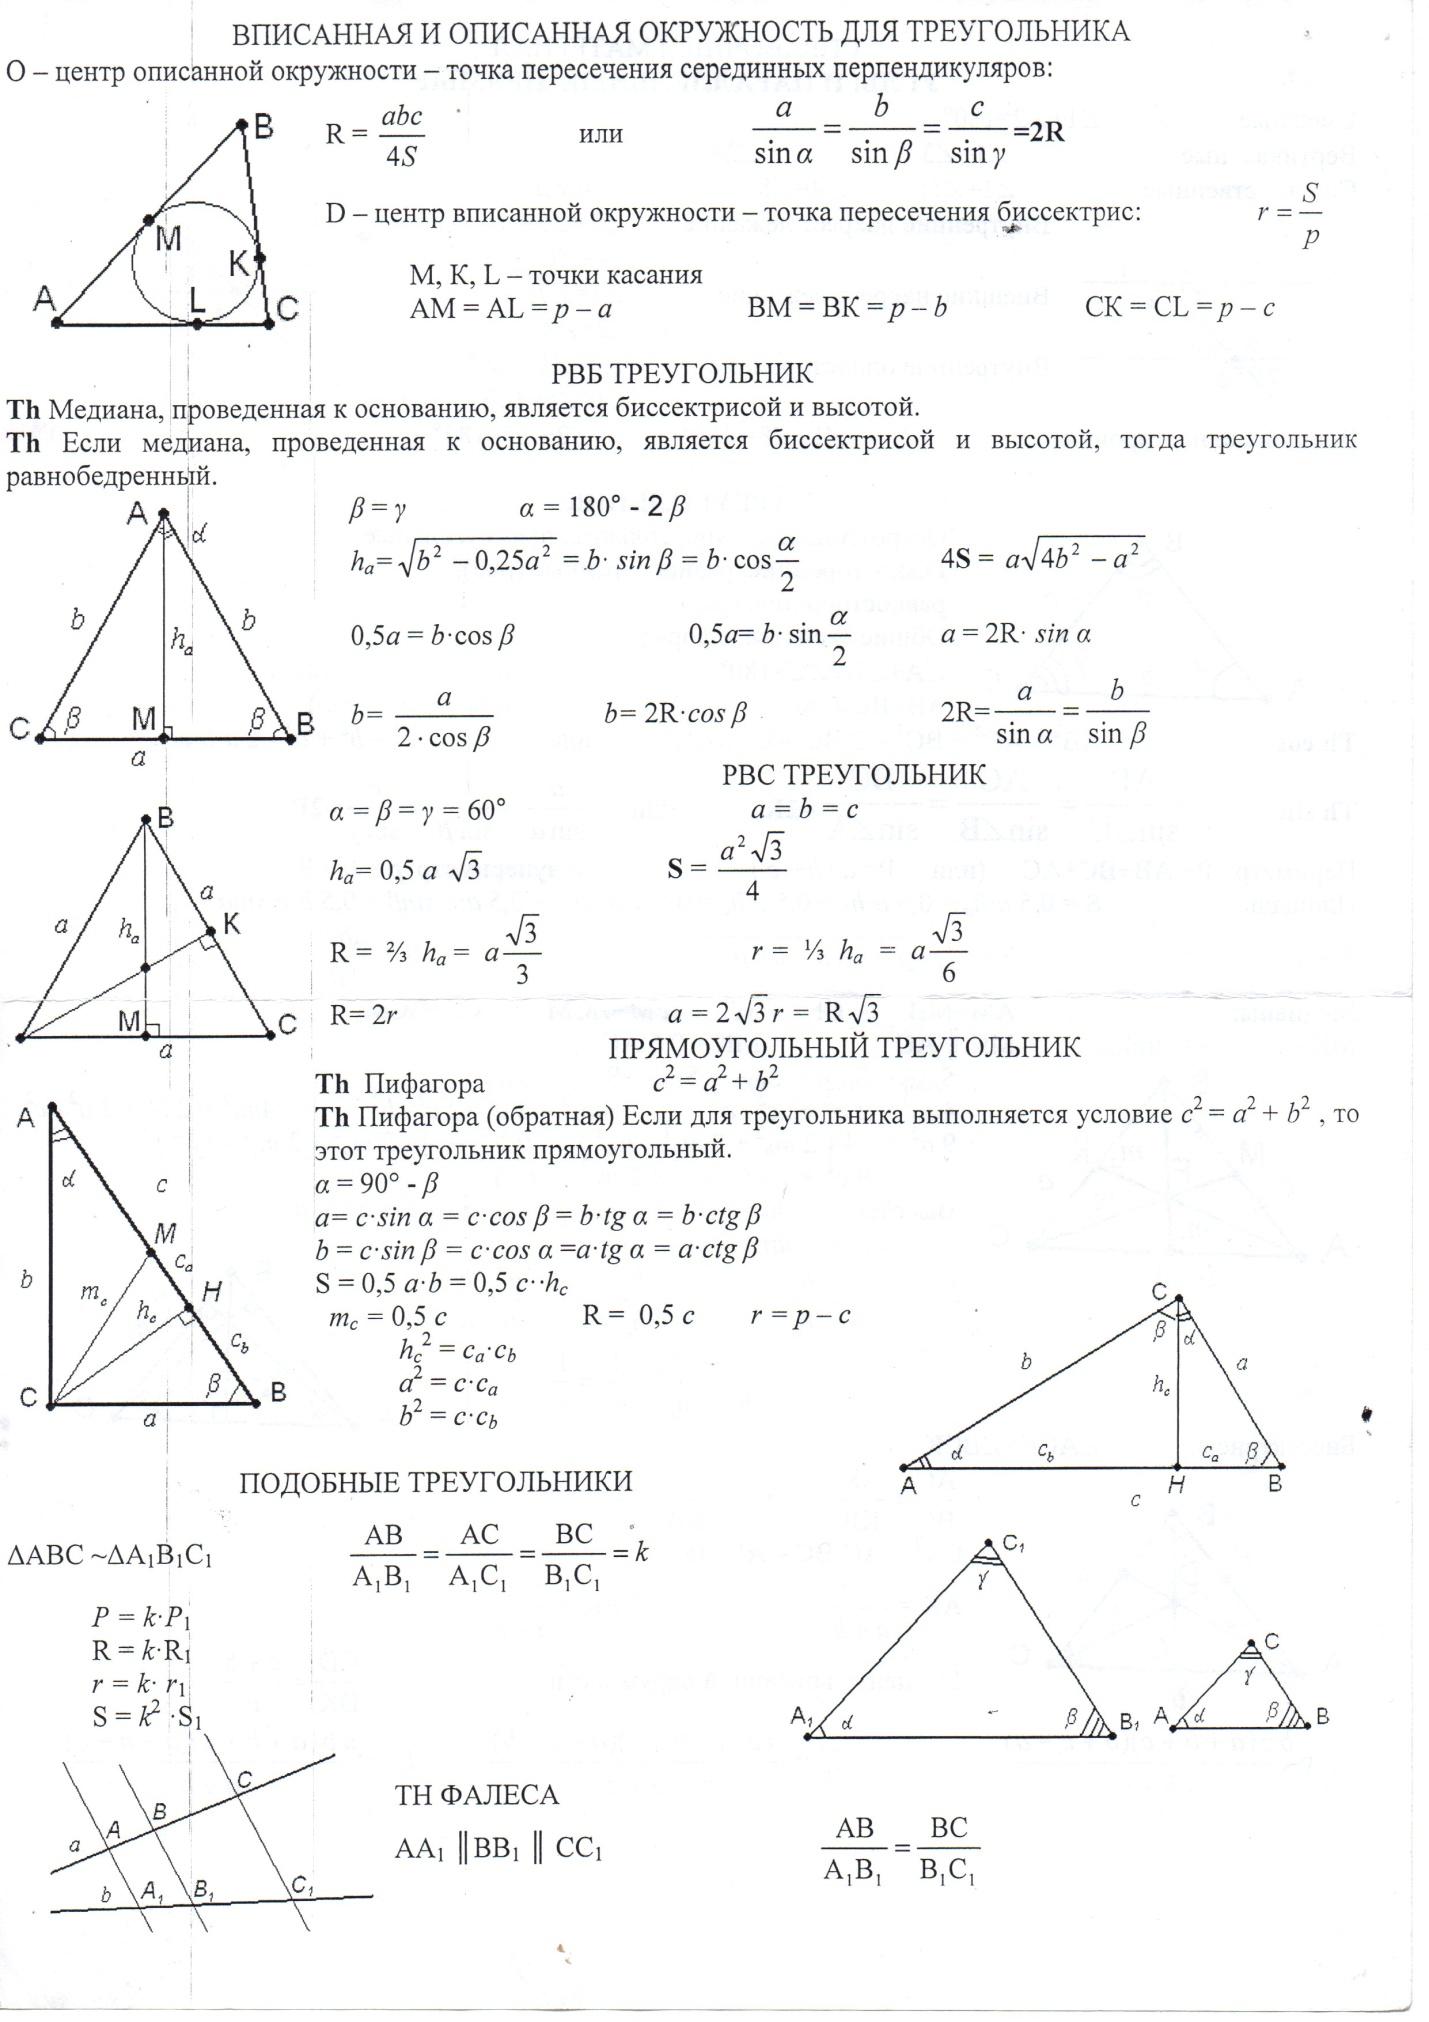 C:\Users\сайлана\Desktop\Справочный материал по математике\img083.jpg